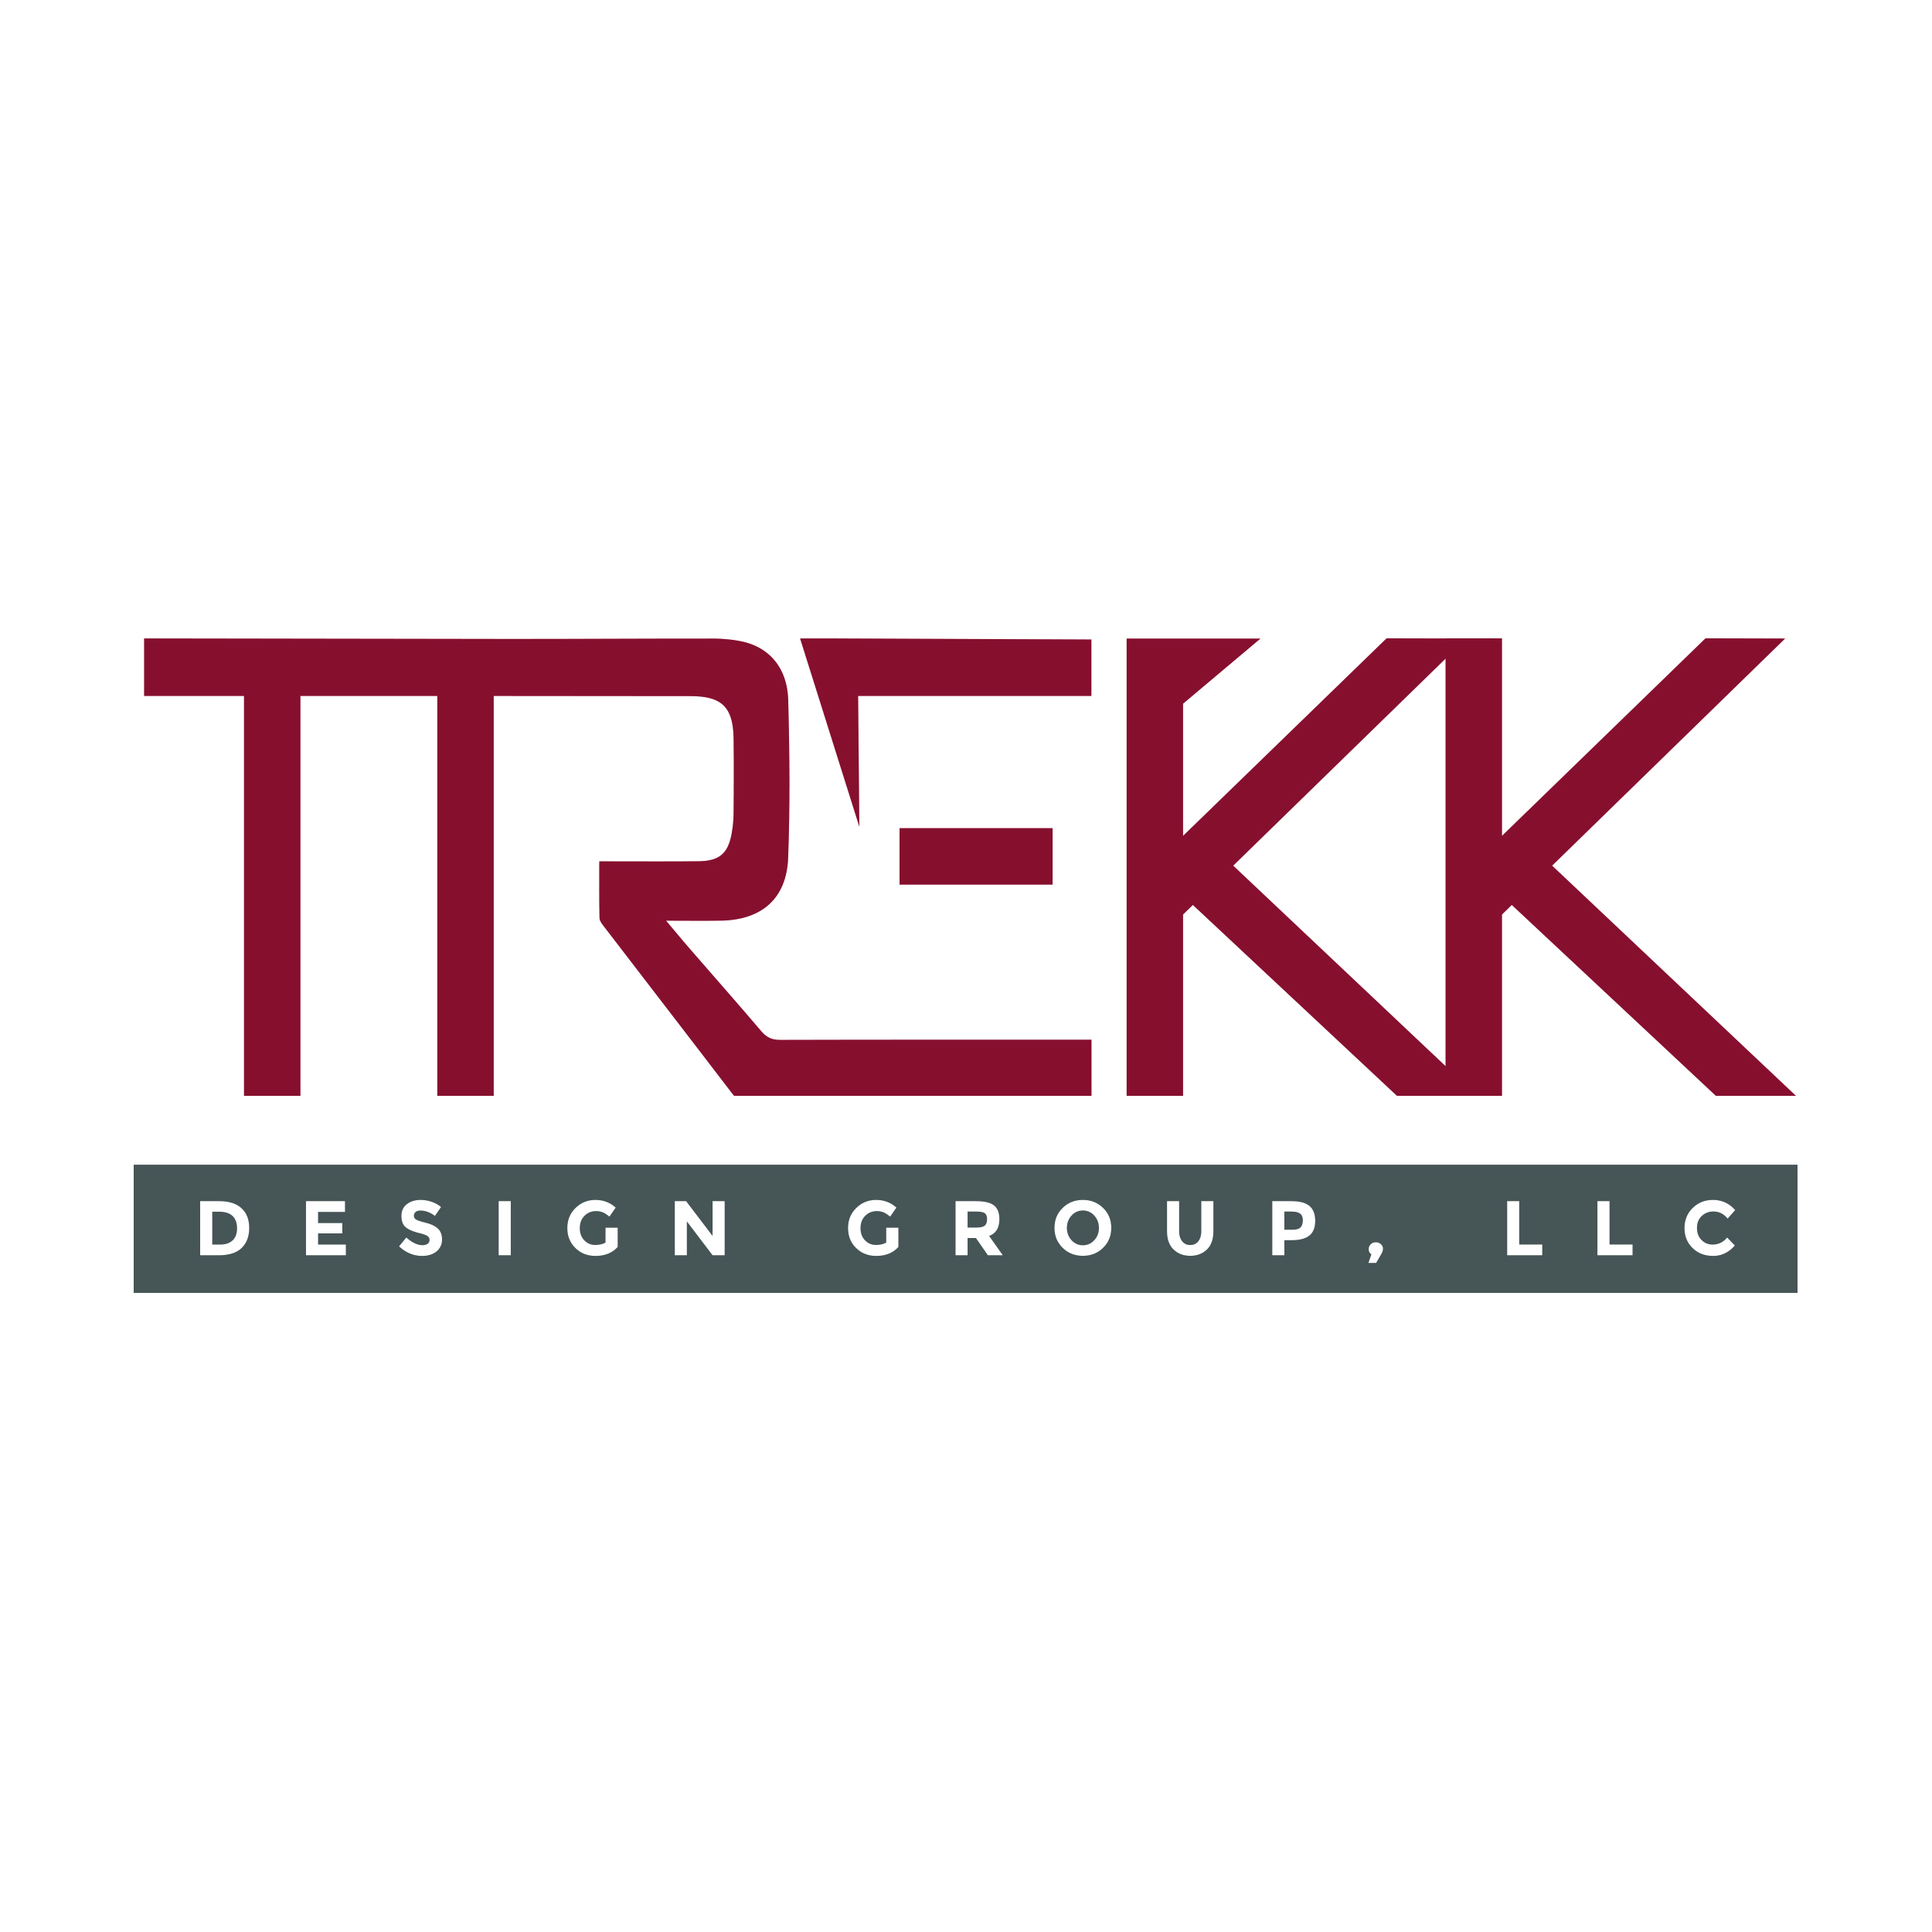 Trekk-Primary-Logo